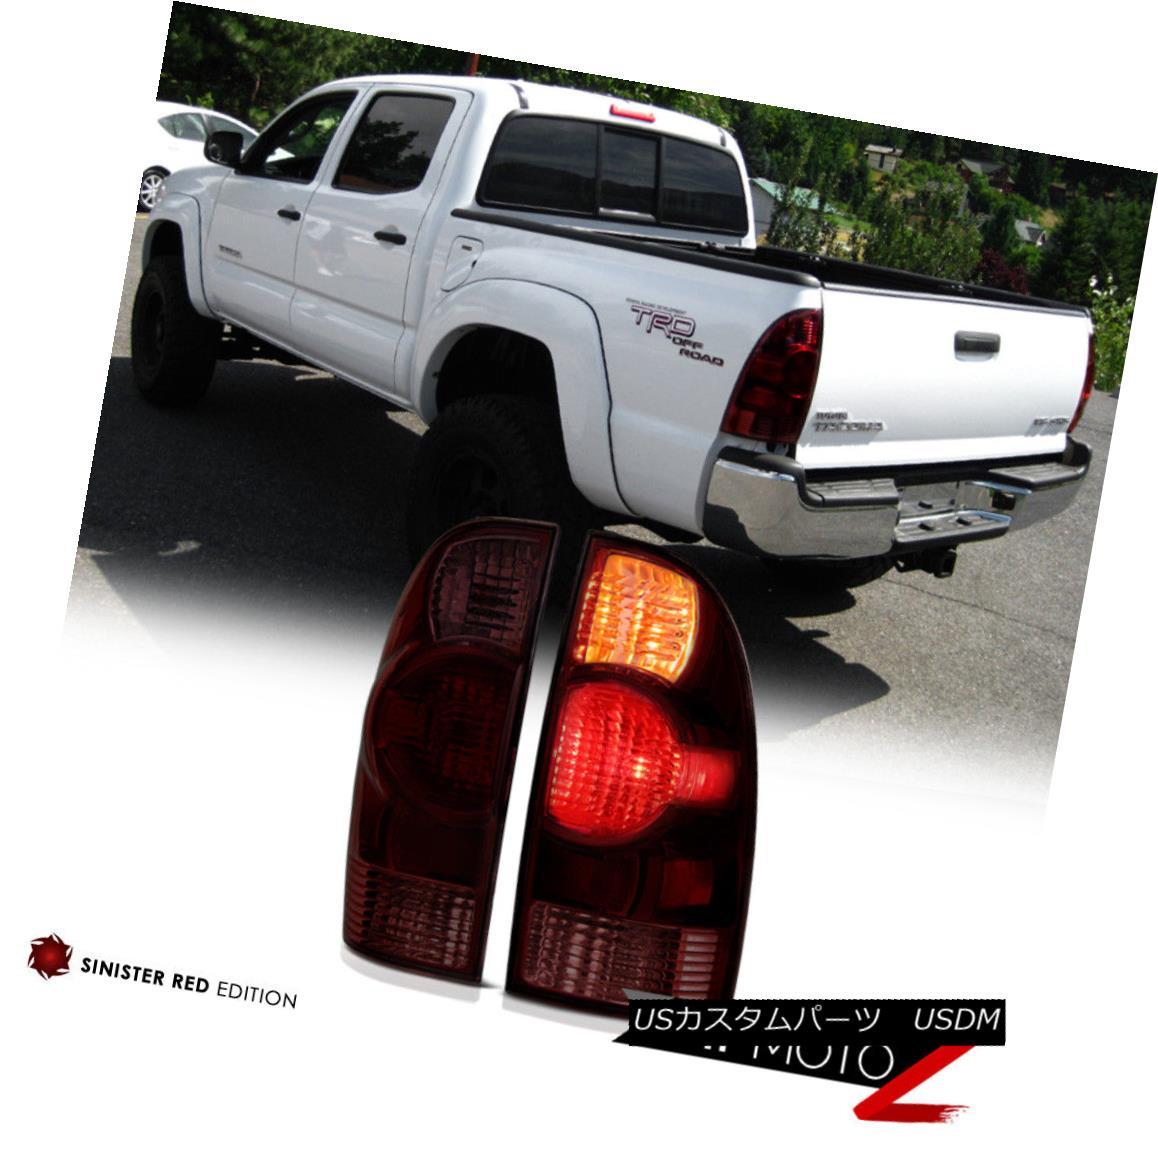 テールライト PAIR 2005-2008 Toyota Tacoma Factory Style Red Smoke Replacement Tail Lights L+R PAIR 2005-2008トヨタタコマ工場スタイルレッド煙代替テールライトL + R